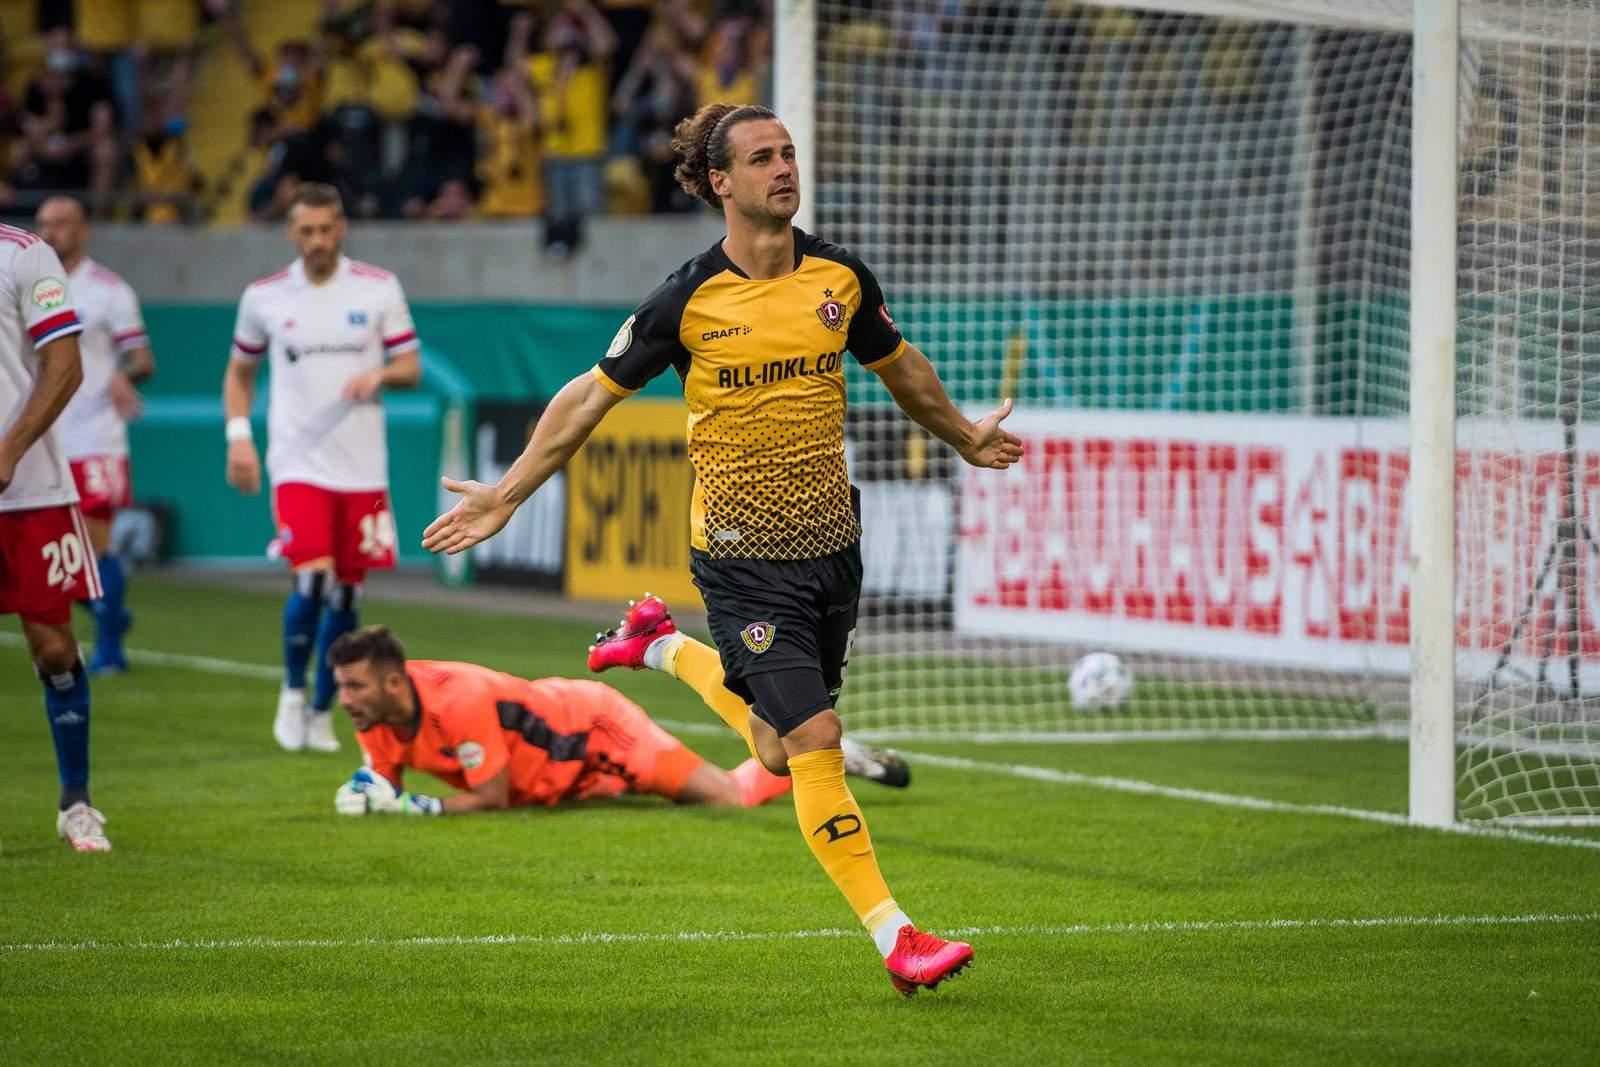 Yannick Stark von Dynamo Dresden